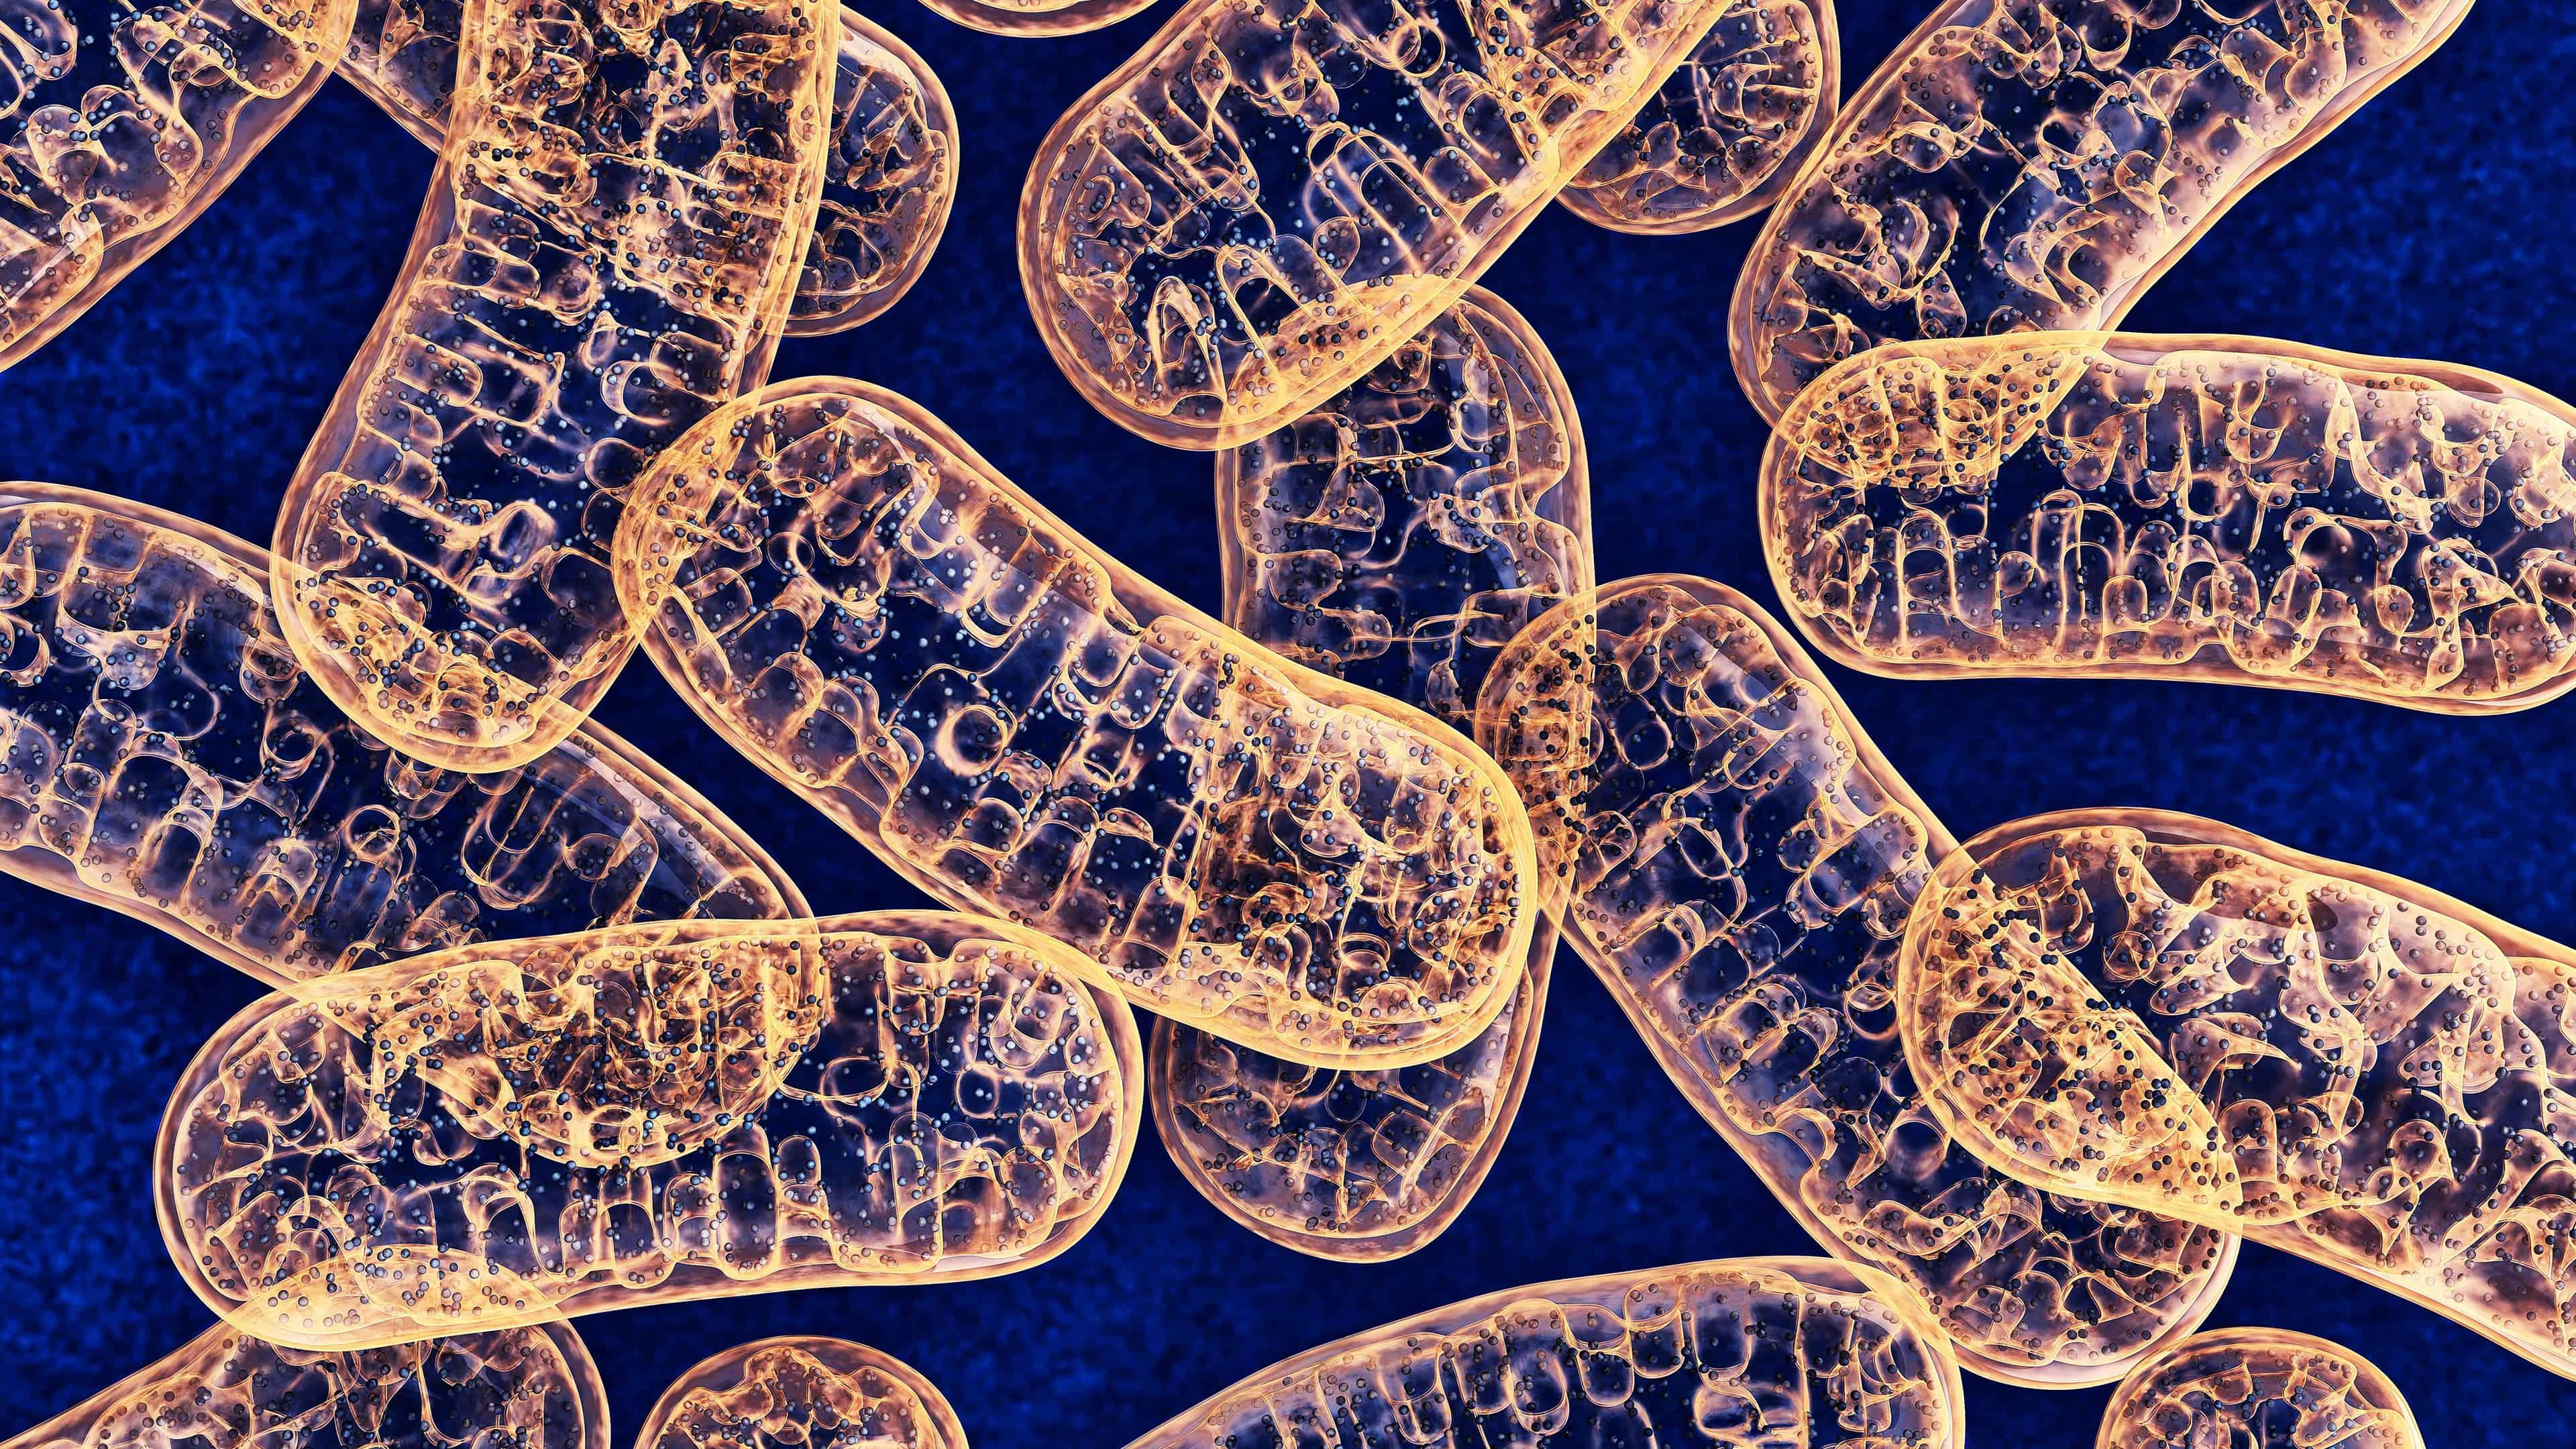 mitochondria uhd 4k wallpaper